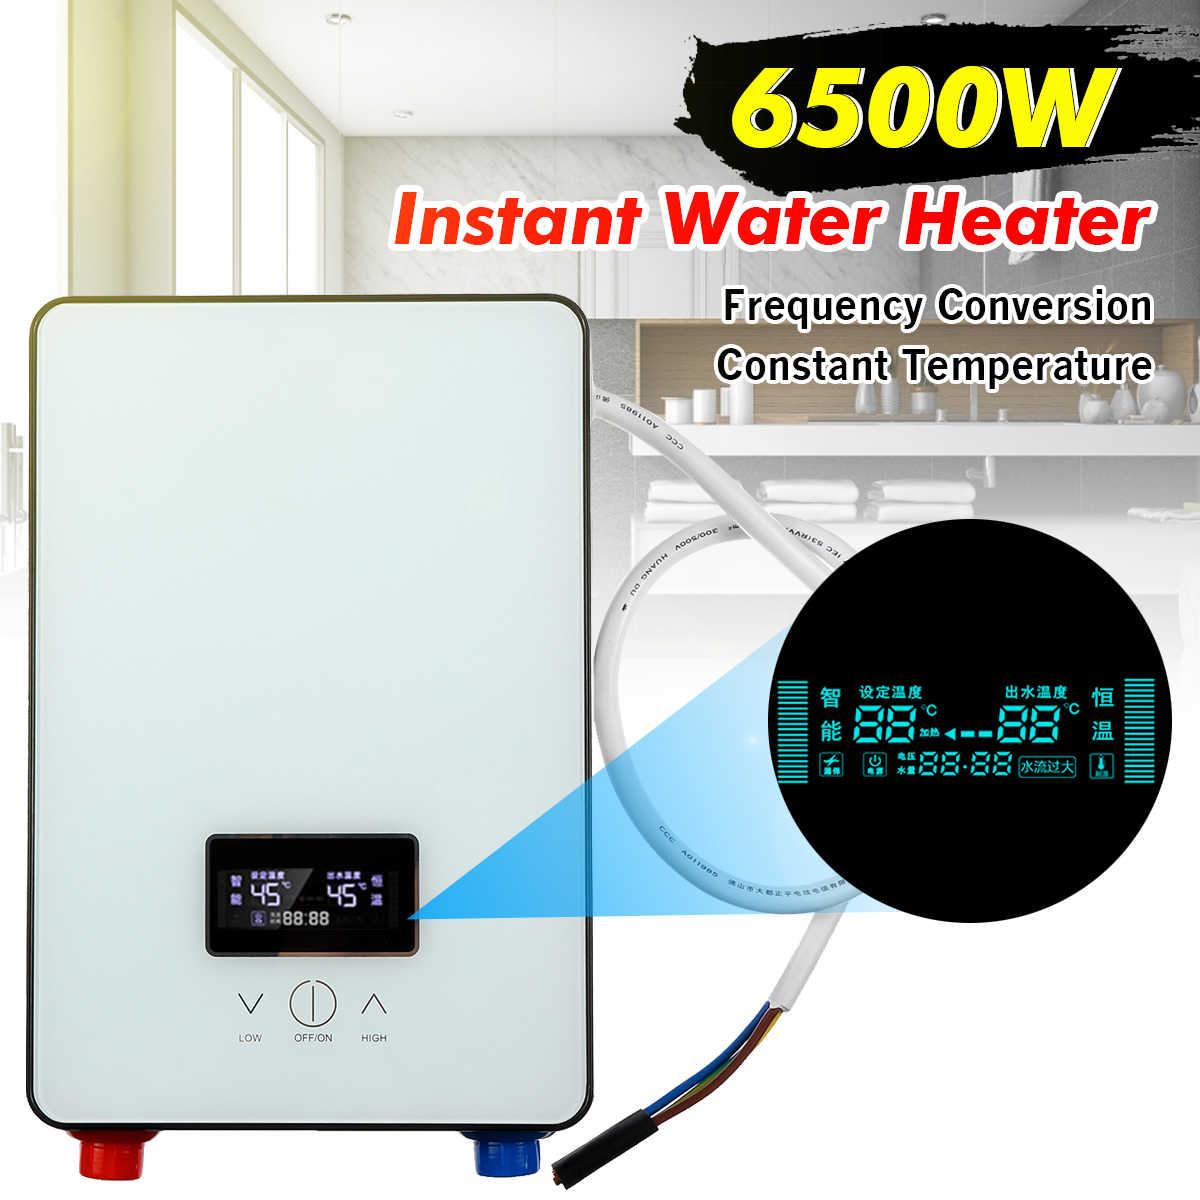 Calentador de Agua el/éctrico instant/áneo con Cabezal de Ducha y tuber/ía de Salida para la Ducha del ba/ño en casa GOTOTOP Calentador de Agua sin Tanque de 220 V 6500 W